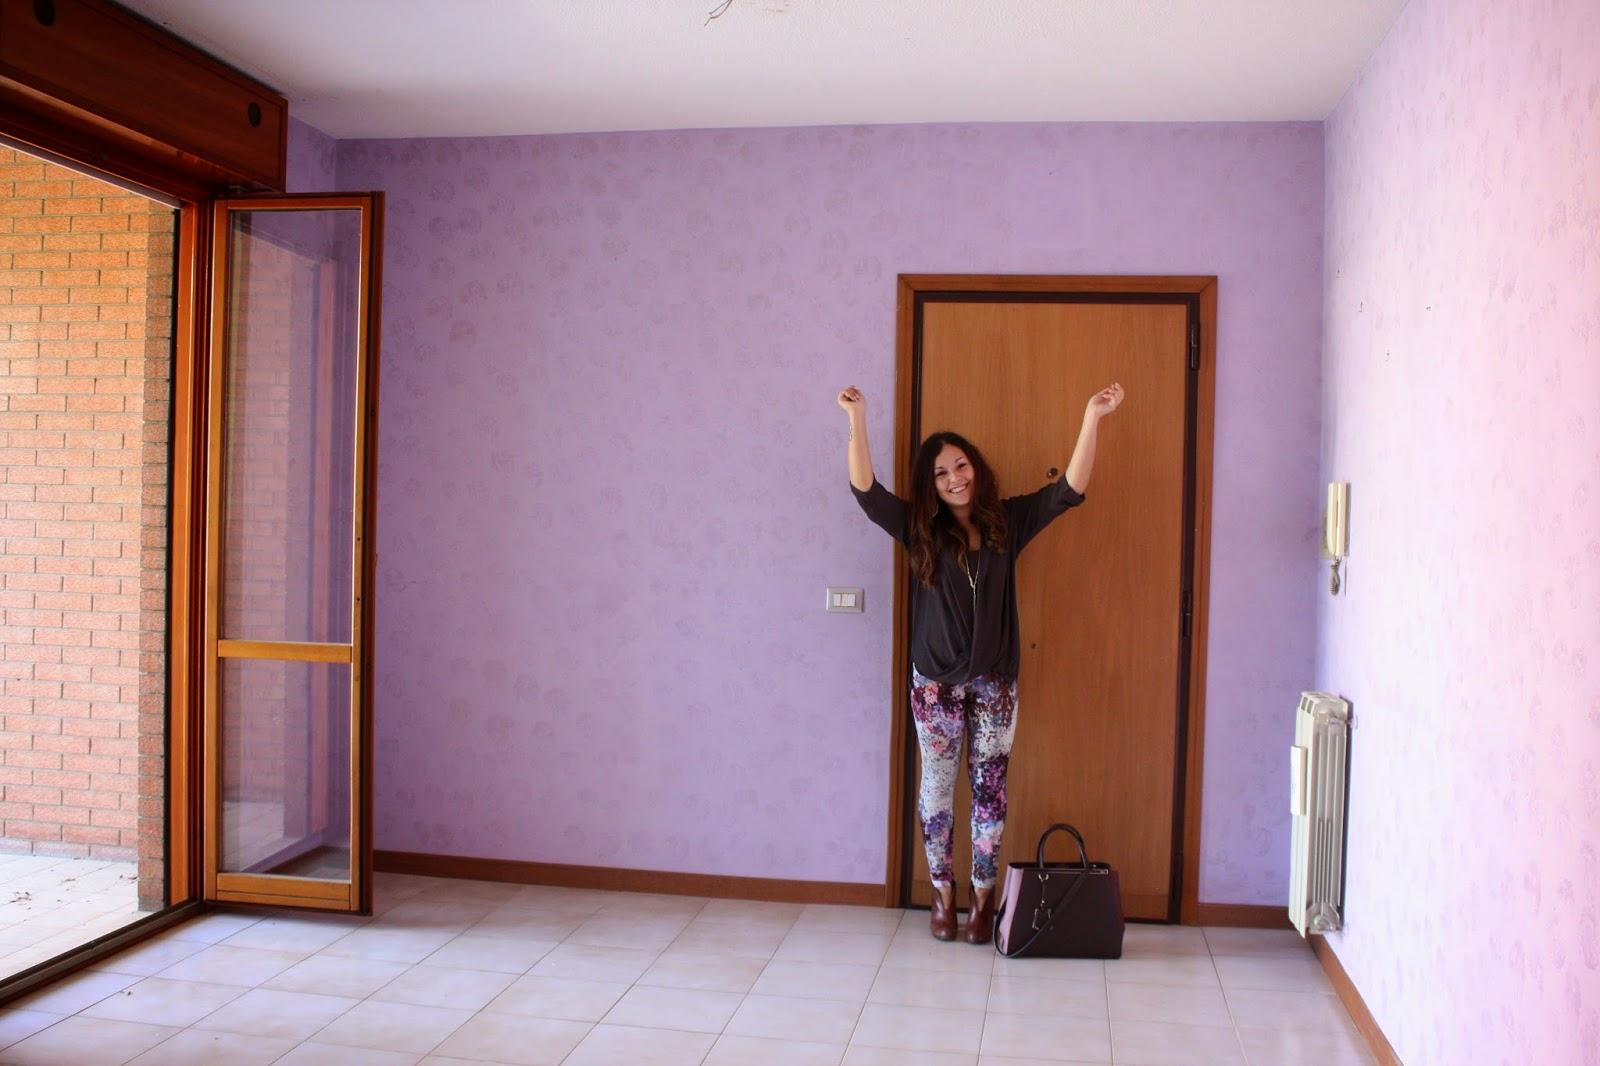 Vi presento la mia nuova casa! #onlyshoppingnewhome